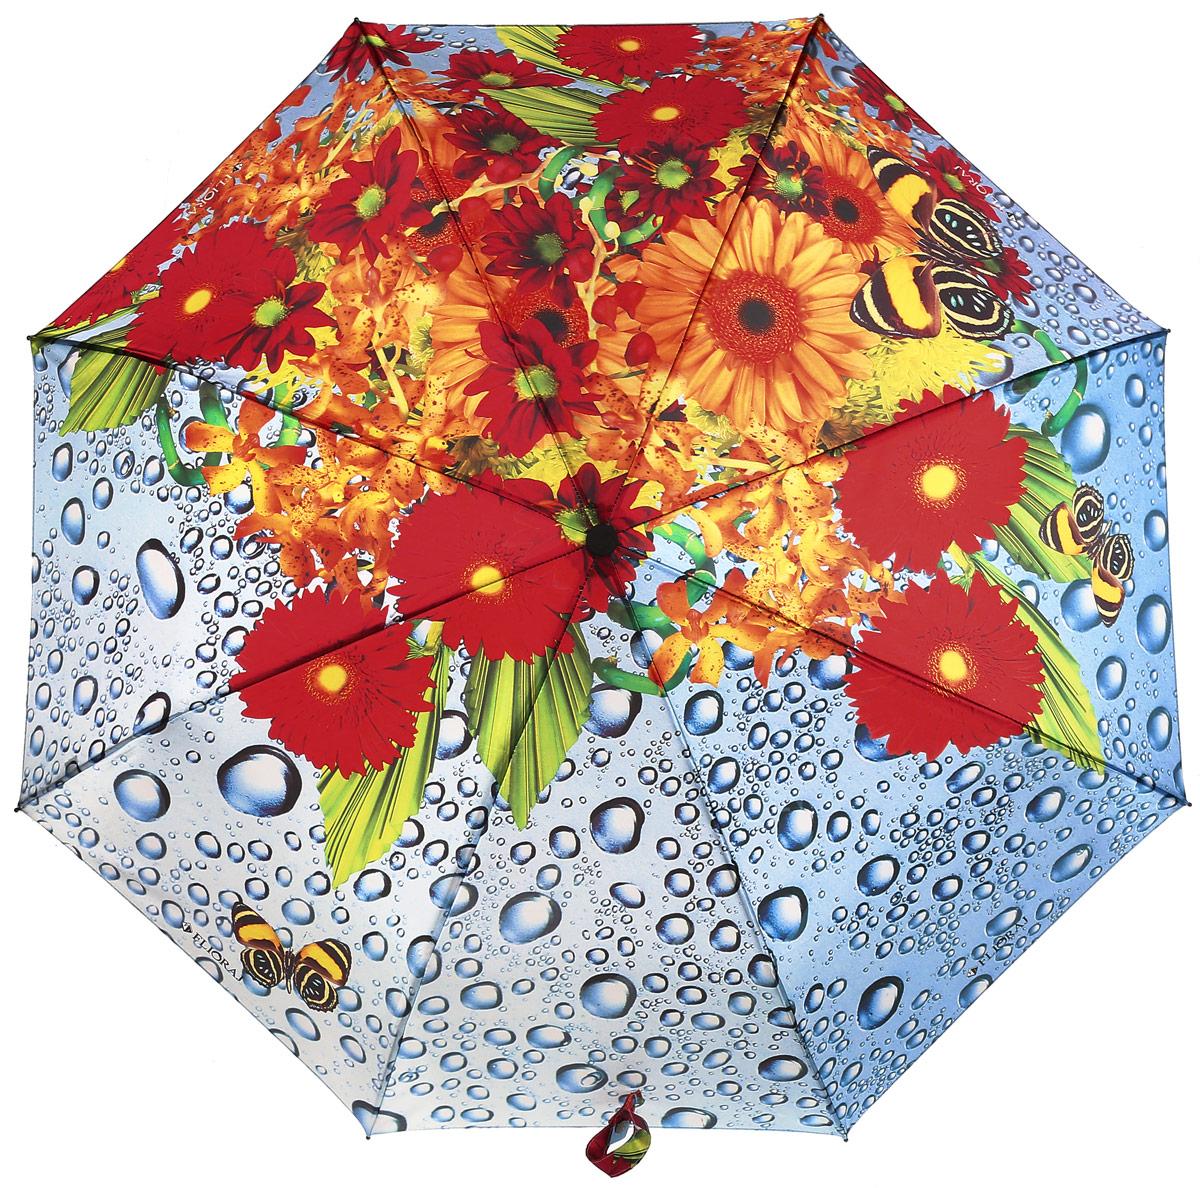 Зонт женский Flioraj, автомат, 3 сложения, цвет: оранжевый, желтый, белый. 231211 FJ231211 FJЖенские зонты с нежным рисунком создадут весеннее настроение в любую непогоду! Уникальный каркас из анодированной стали, карбоновые спицы обеспечат надежную защиту даже при порывах ураганного ветра. Улучшенный механизм позволит быстро открыть, а потом сложить зонт.